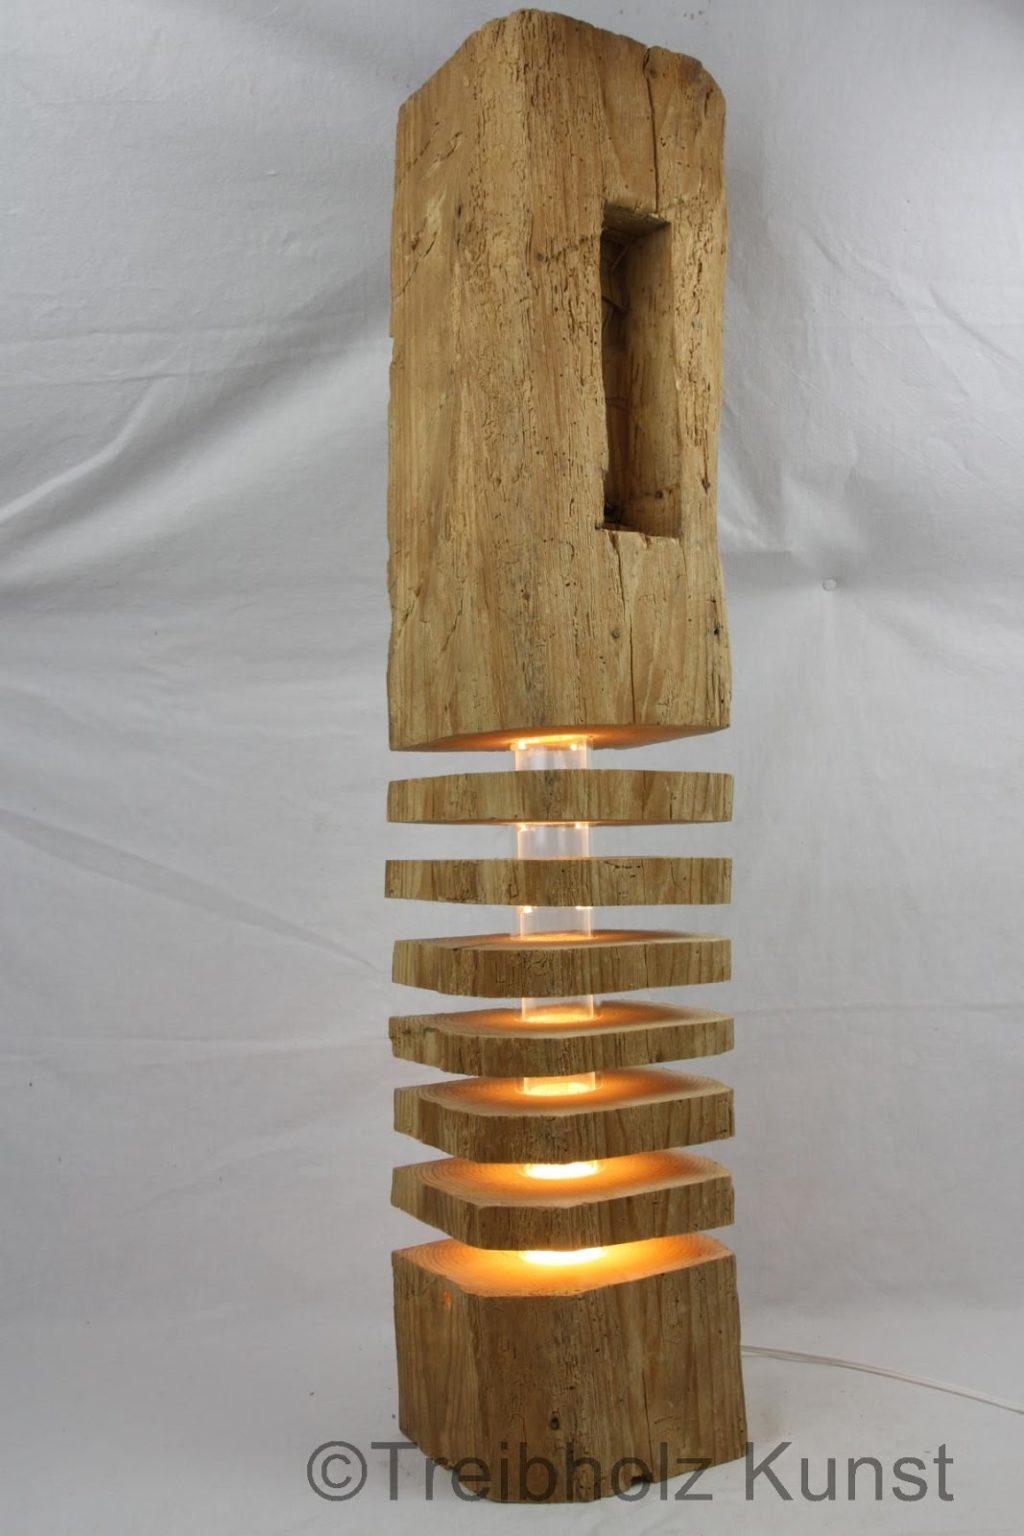 Full Size of Wohnzimmer Lampe Holz Einzigartige Treibholz Lampen Zum Selber Bauen Sofa Mit Holzfüßen Massivholz Esstisch Betten Aus Garten Holzhaus Stehlampe Schlafzimmer Wohnzimmer Wohnzimmer Lampe Holz